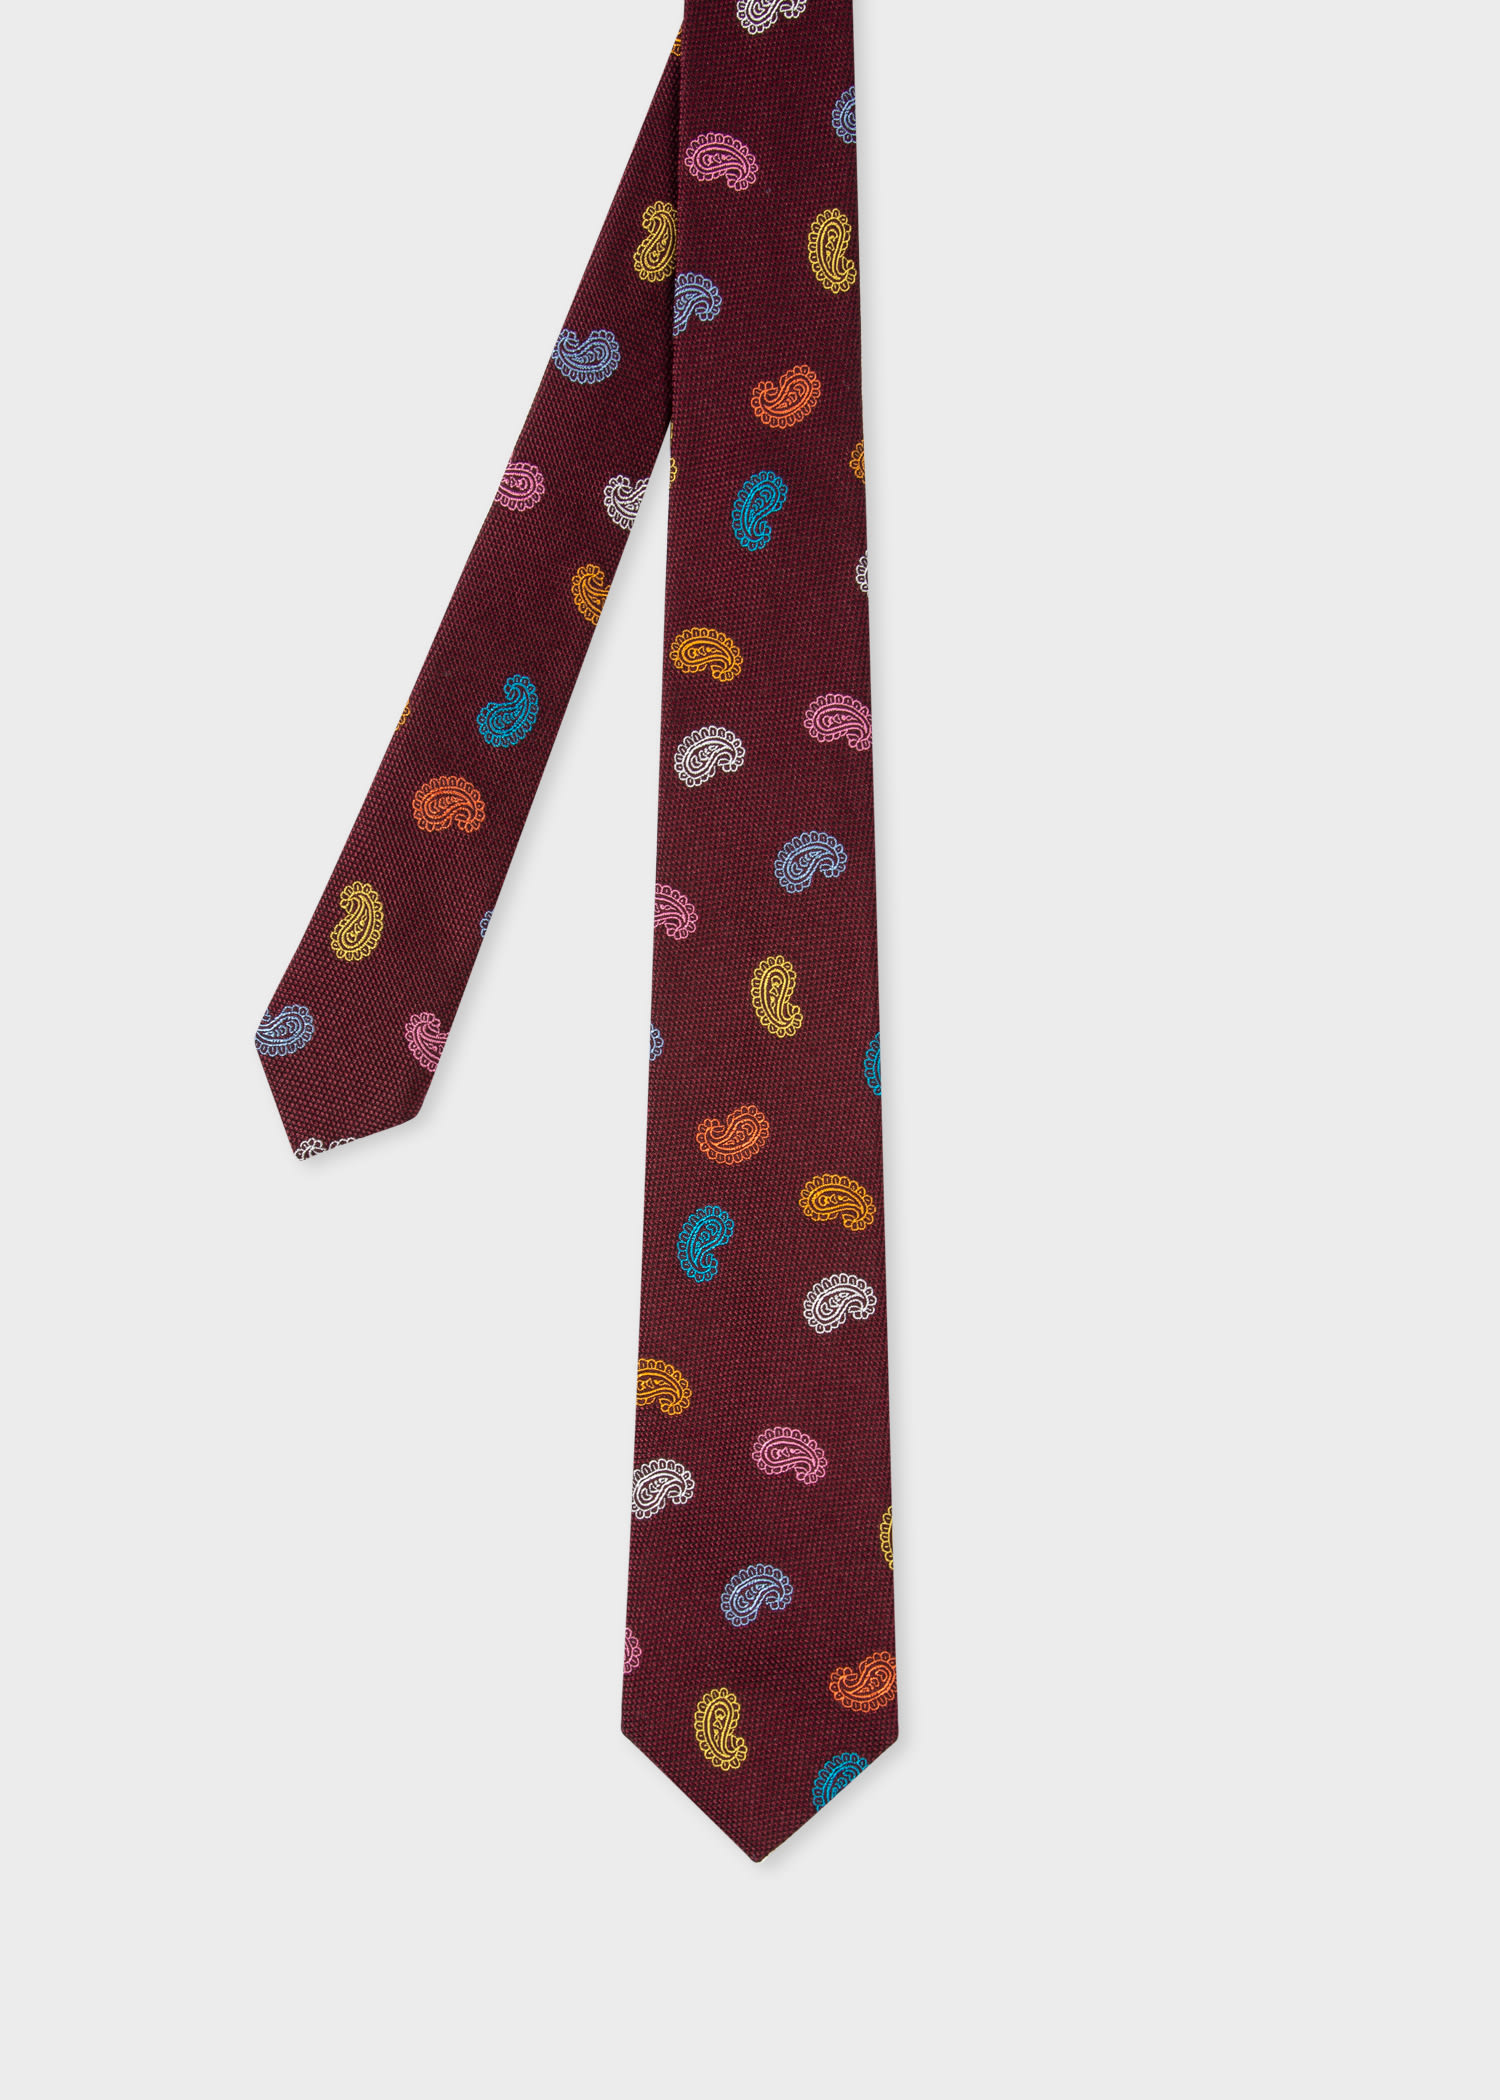 폴 스미스 Paul Smith Mens Burgundy Silk Paisley Tie